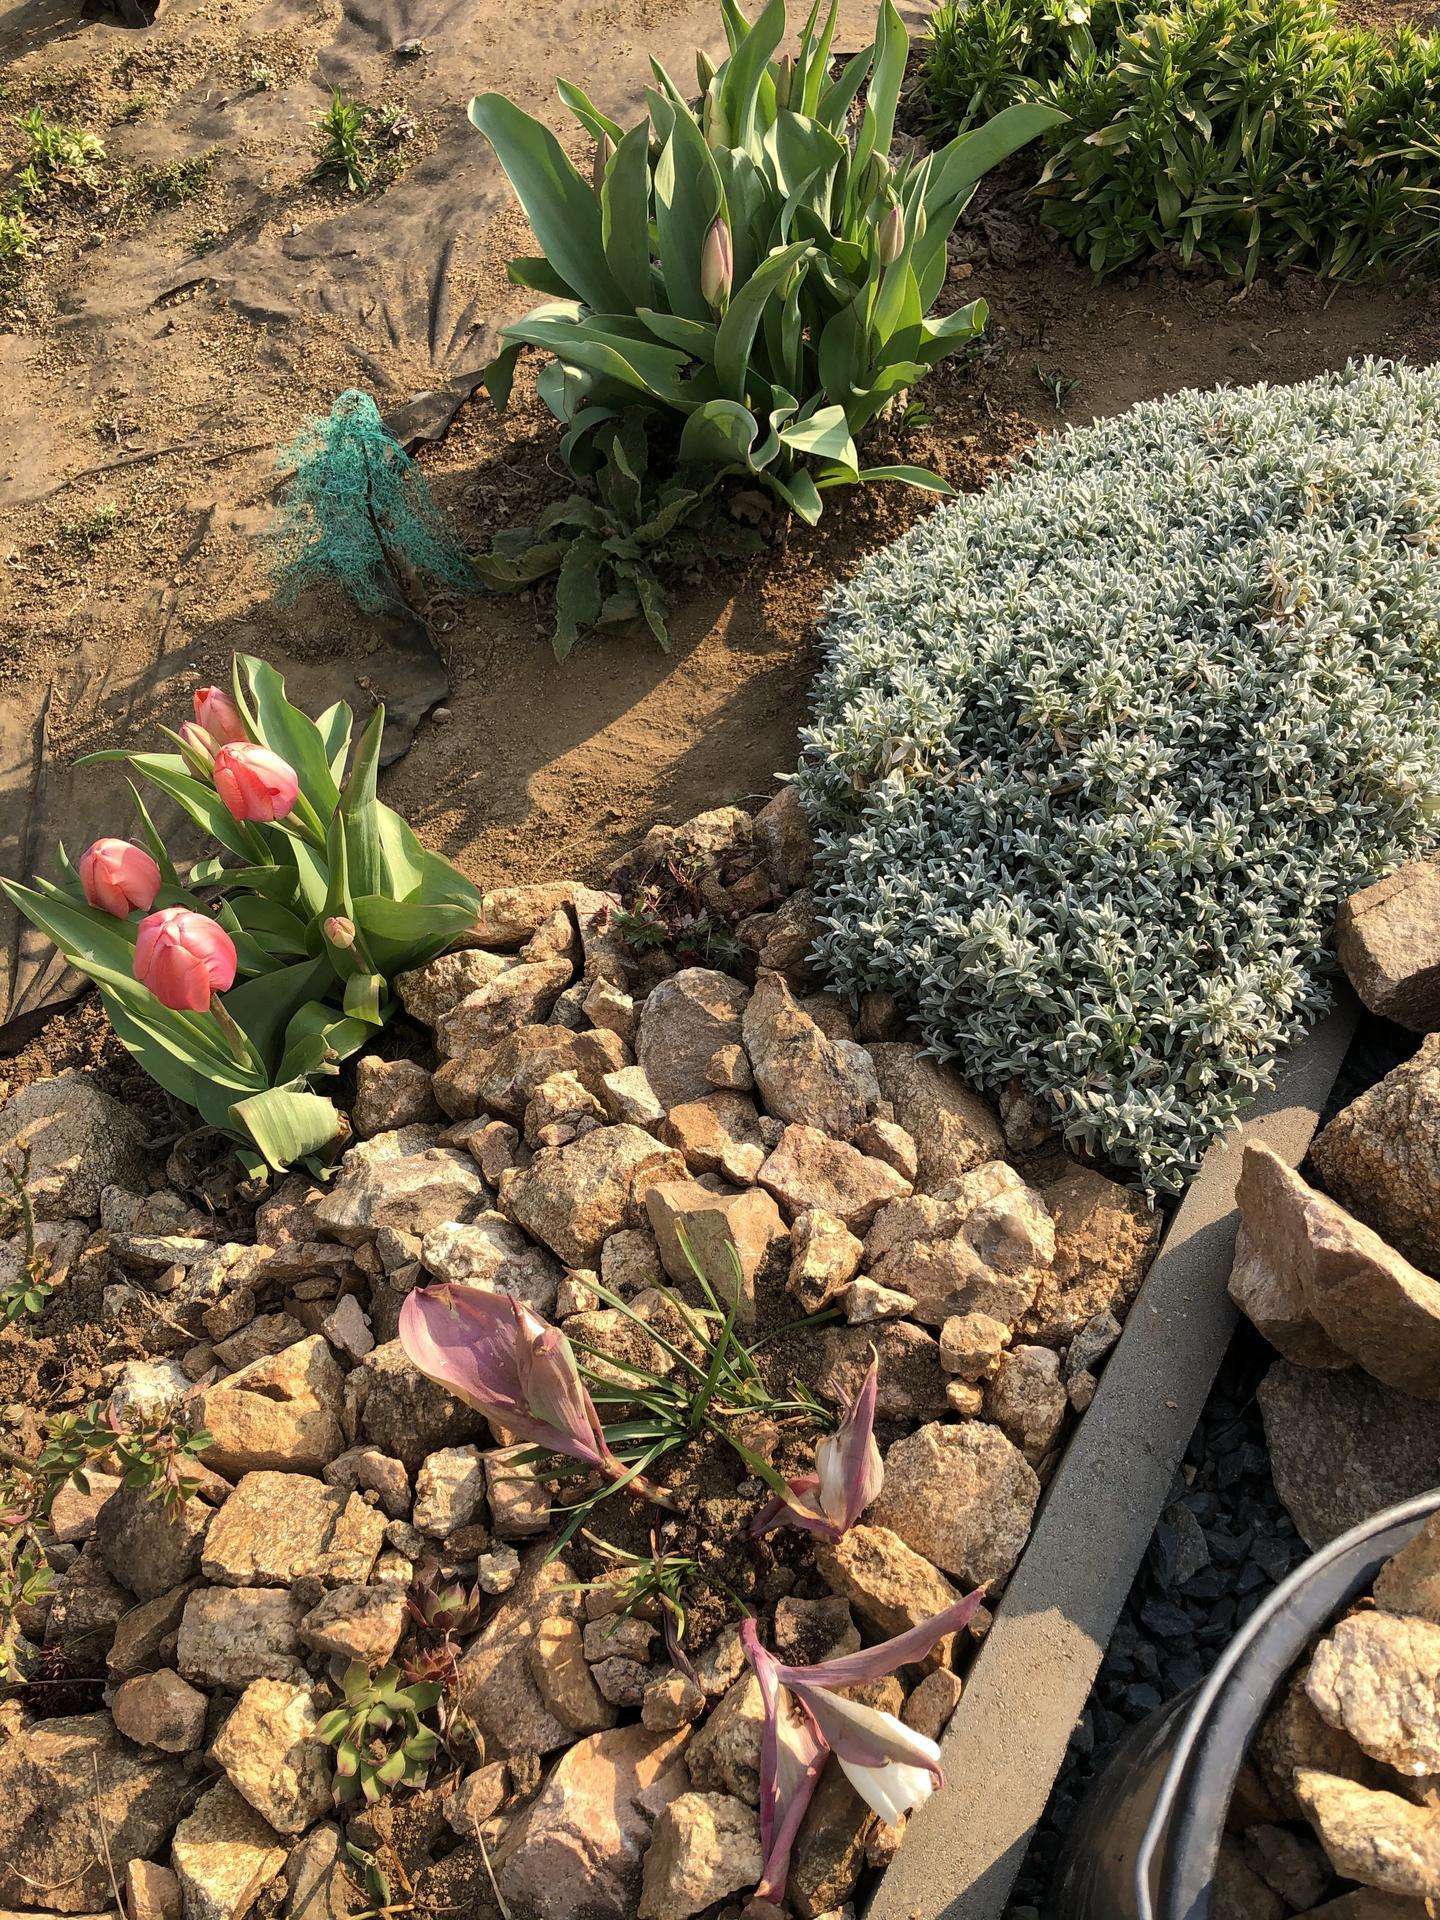 Skřítčí zahrada 2021 - Duben 2021 - letos konečně vidím tyhle tulipány kvést, srnky mi je zatím neožraly